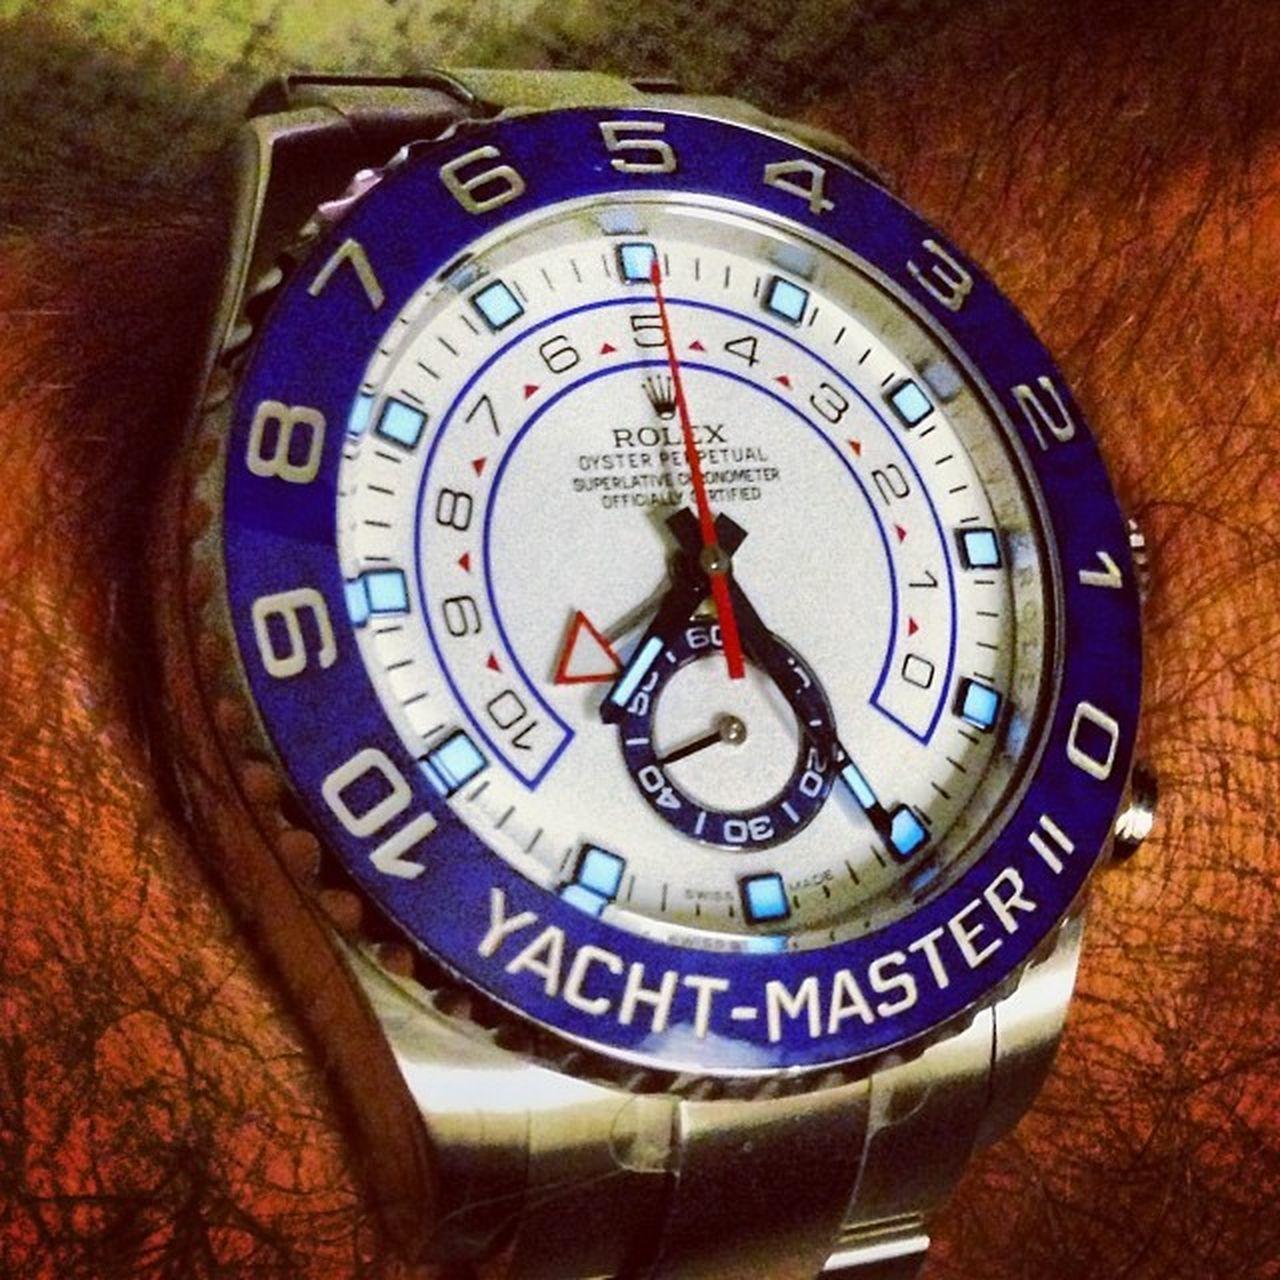 Rolex Yacht Master Watch Watches Watchnerd Watchesonme Watchporn Grail